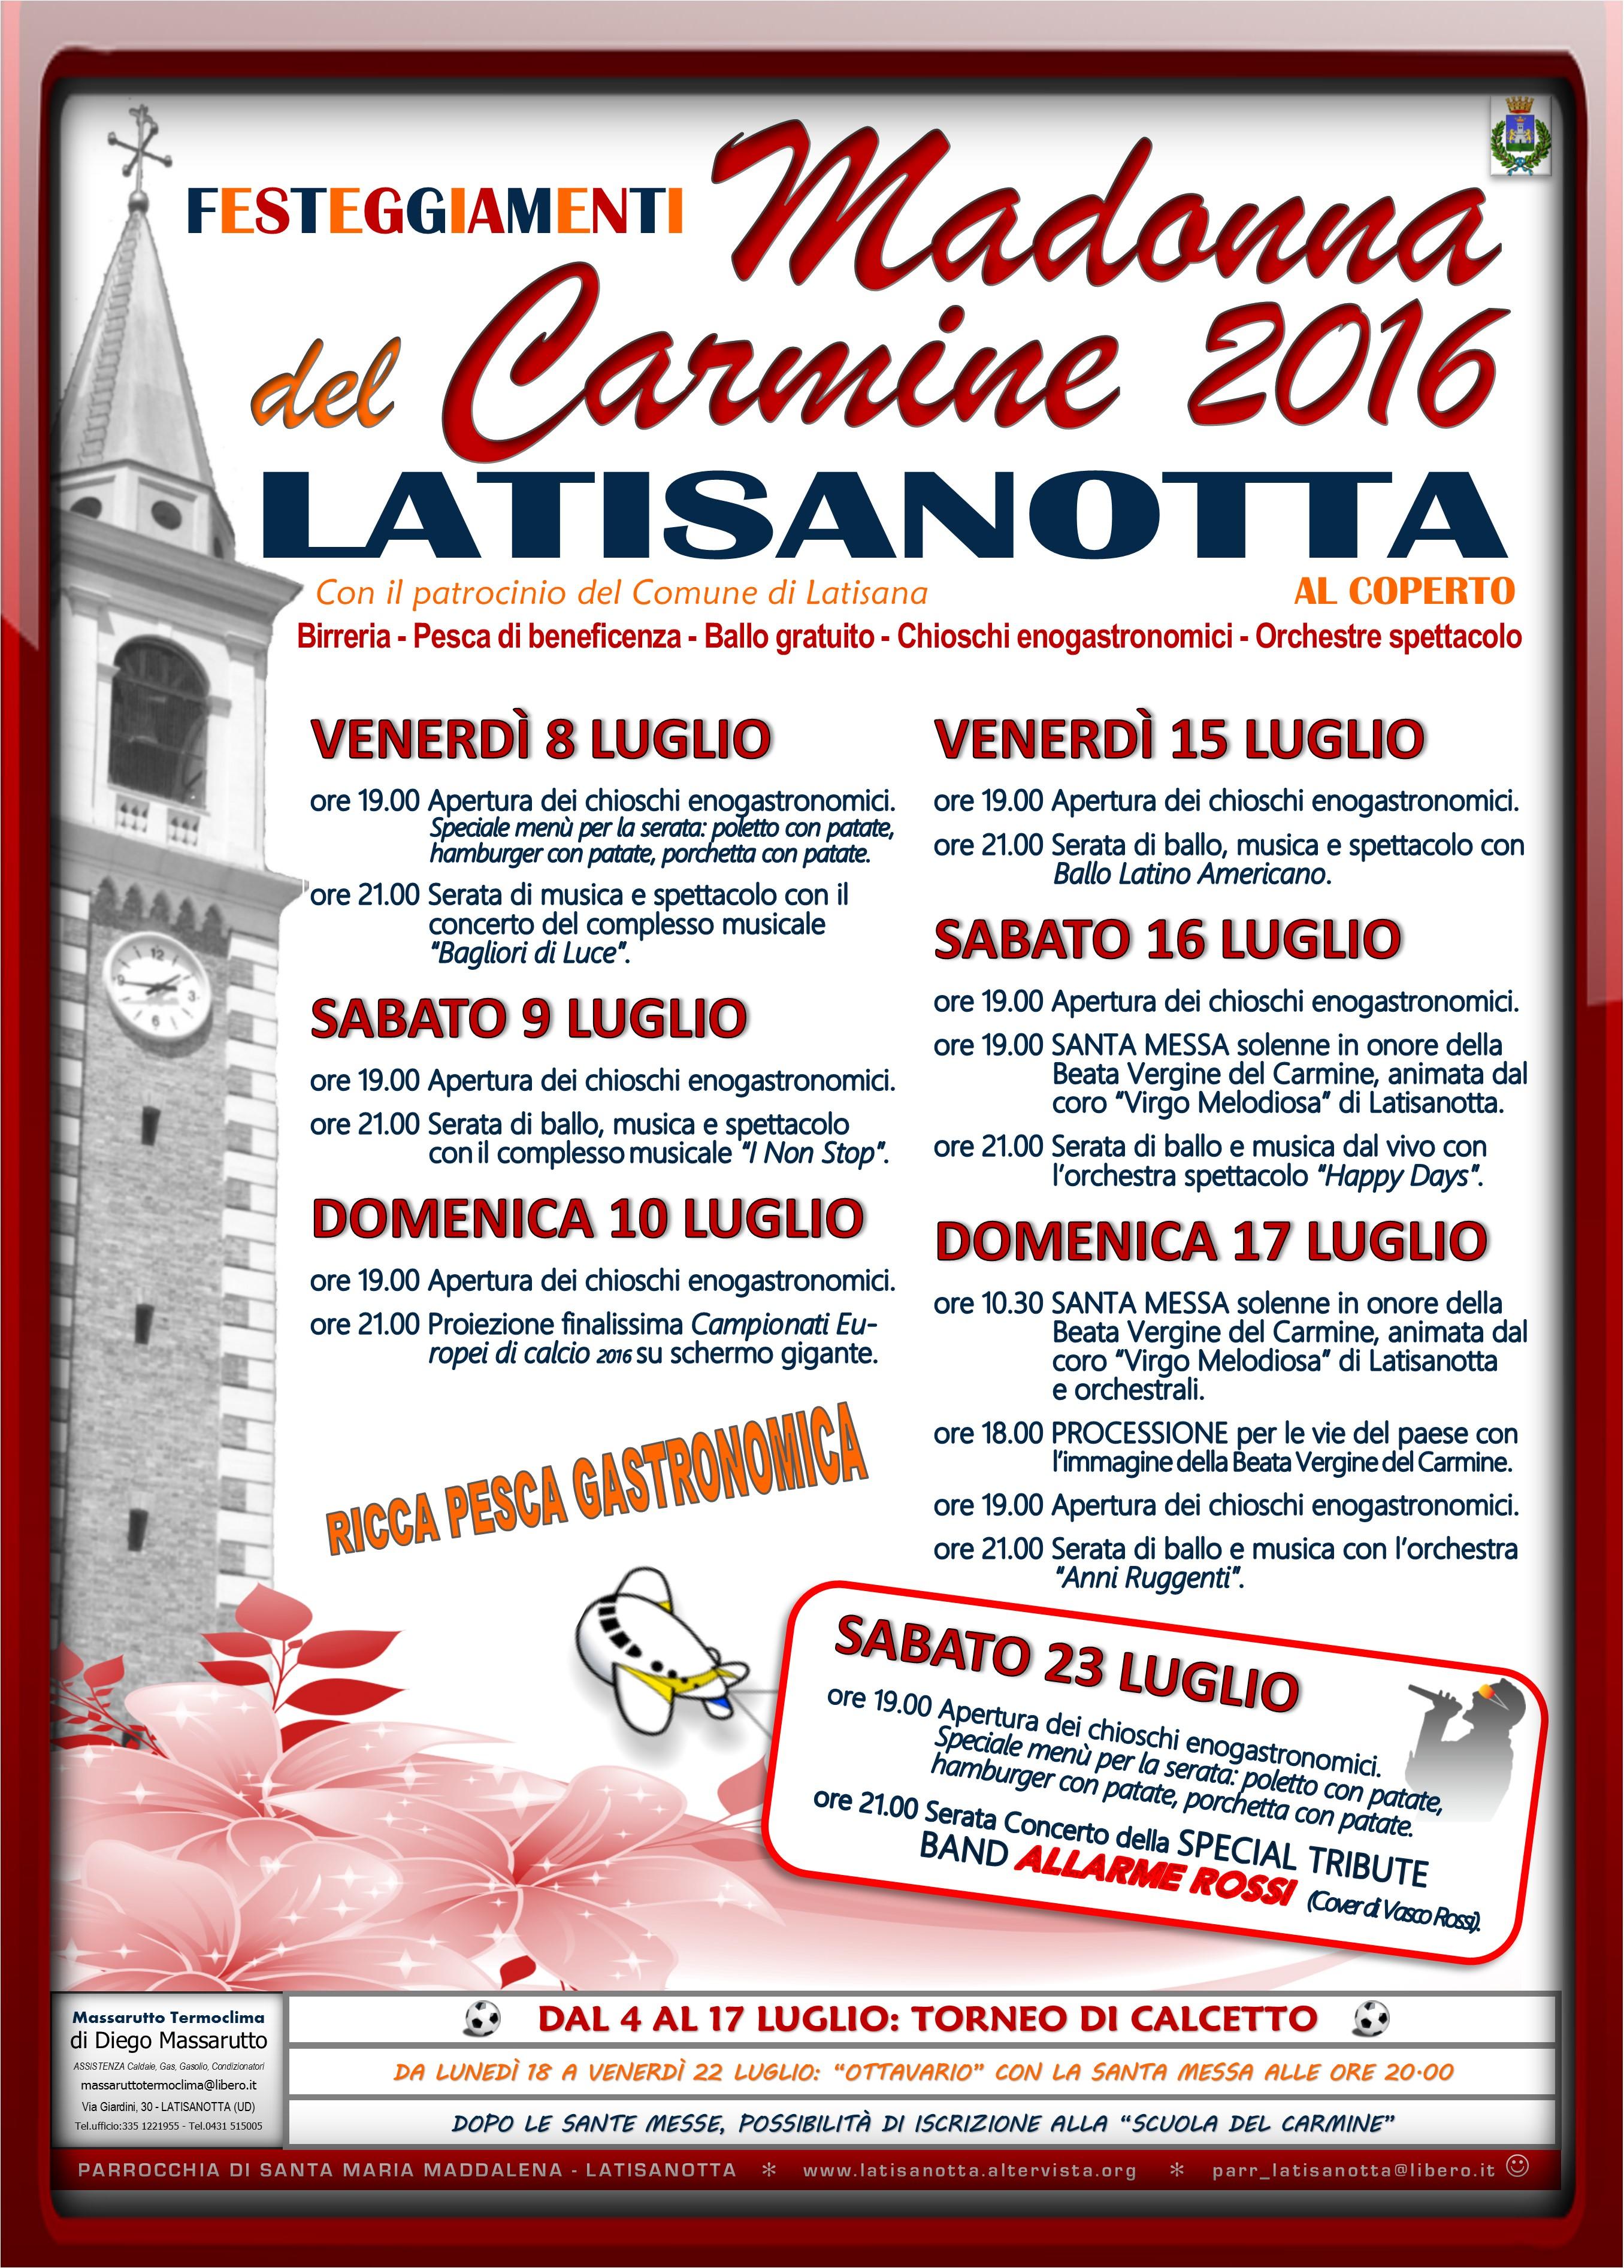 LATISANOTTA - MADONNA DEL CARMINE 2016